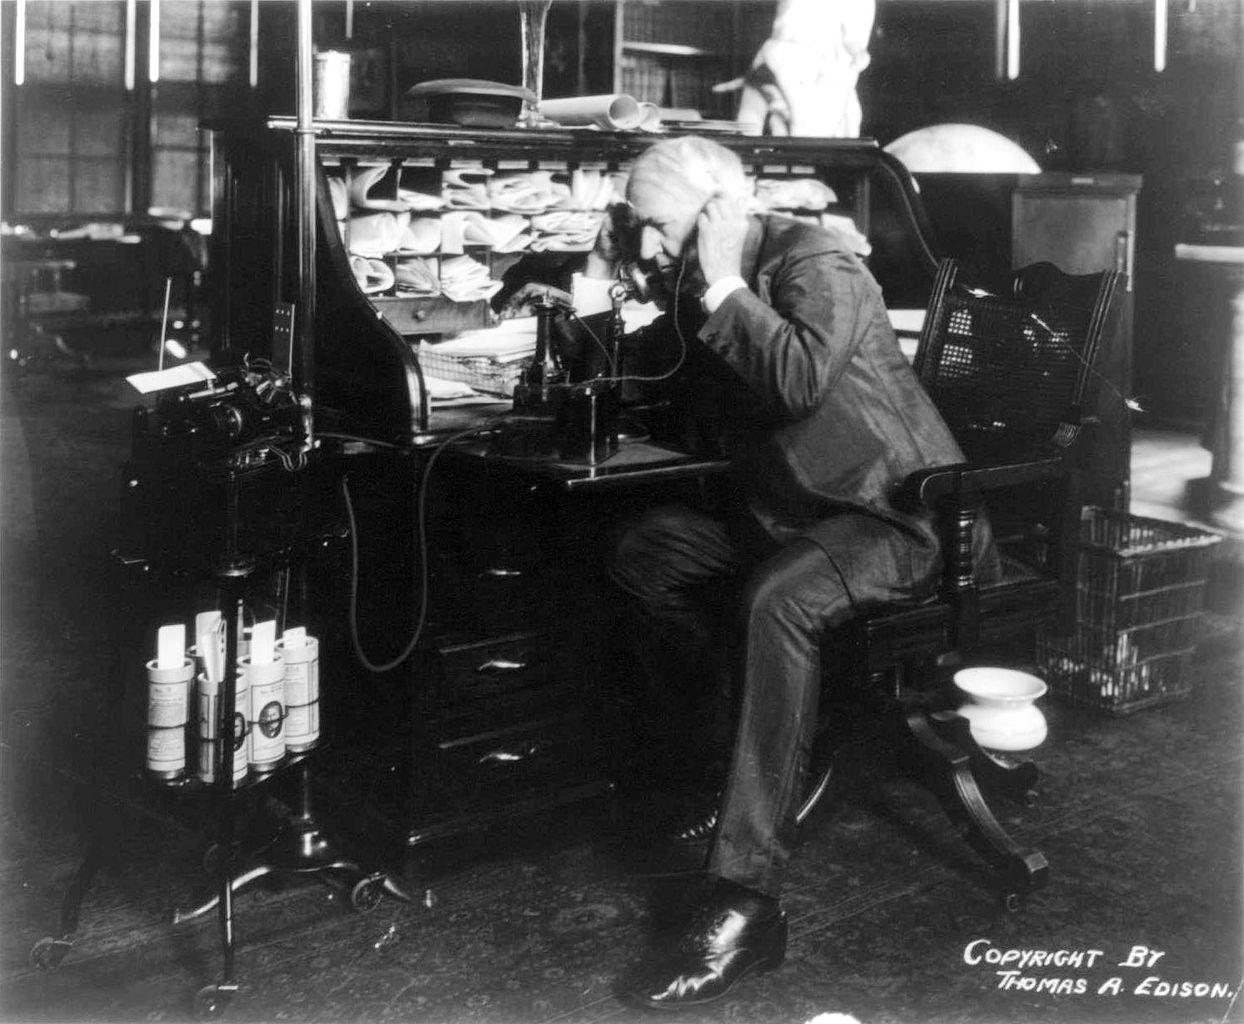 Thomas Edison using his dictating machine.